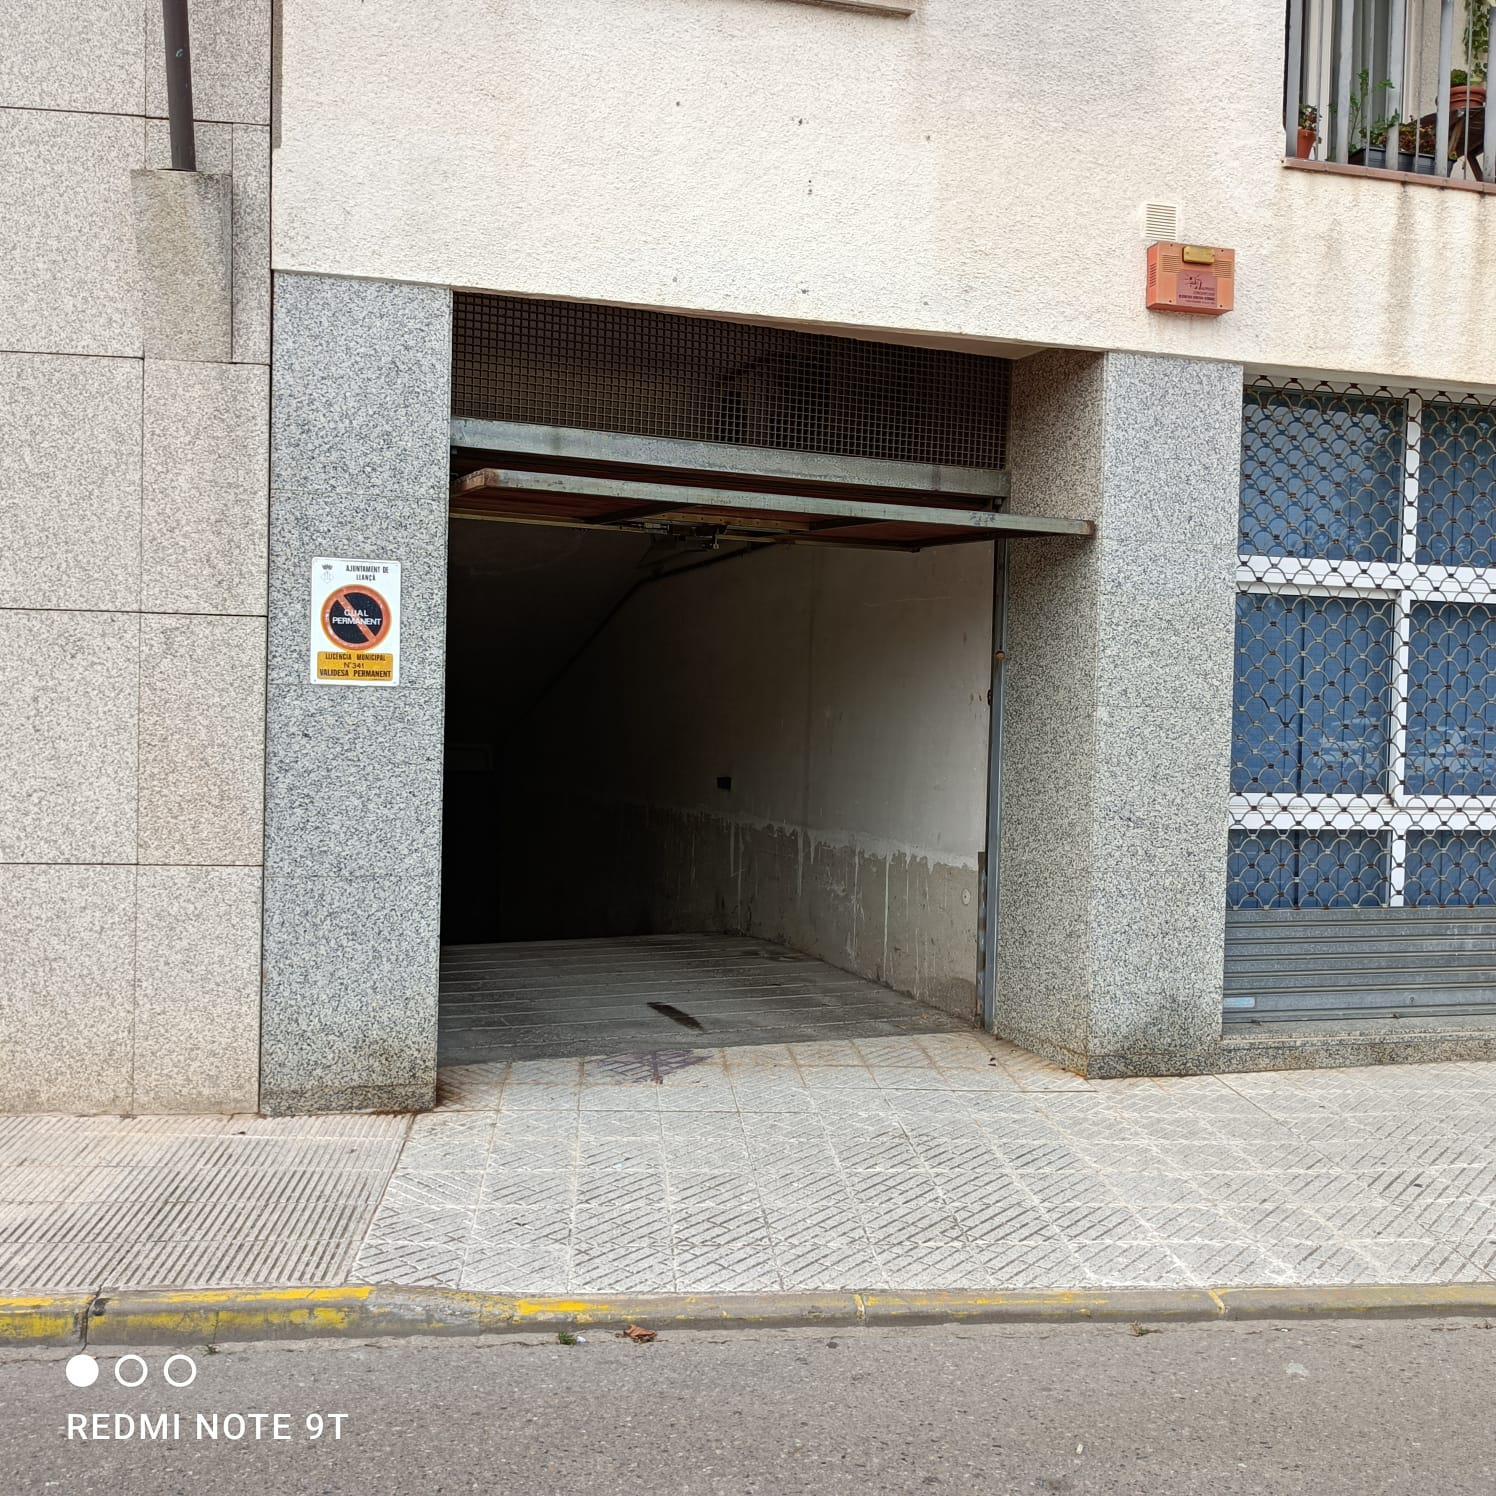 Plaça d´aparcament -                                       Llançà -                                       0 dormitoris -                                       0 ocupants